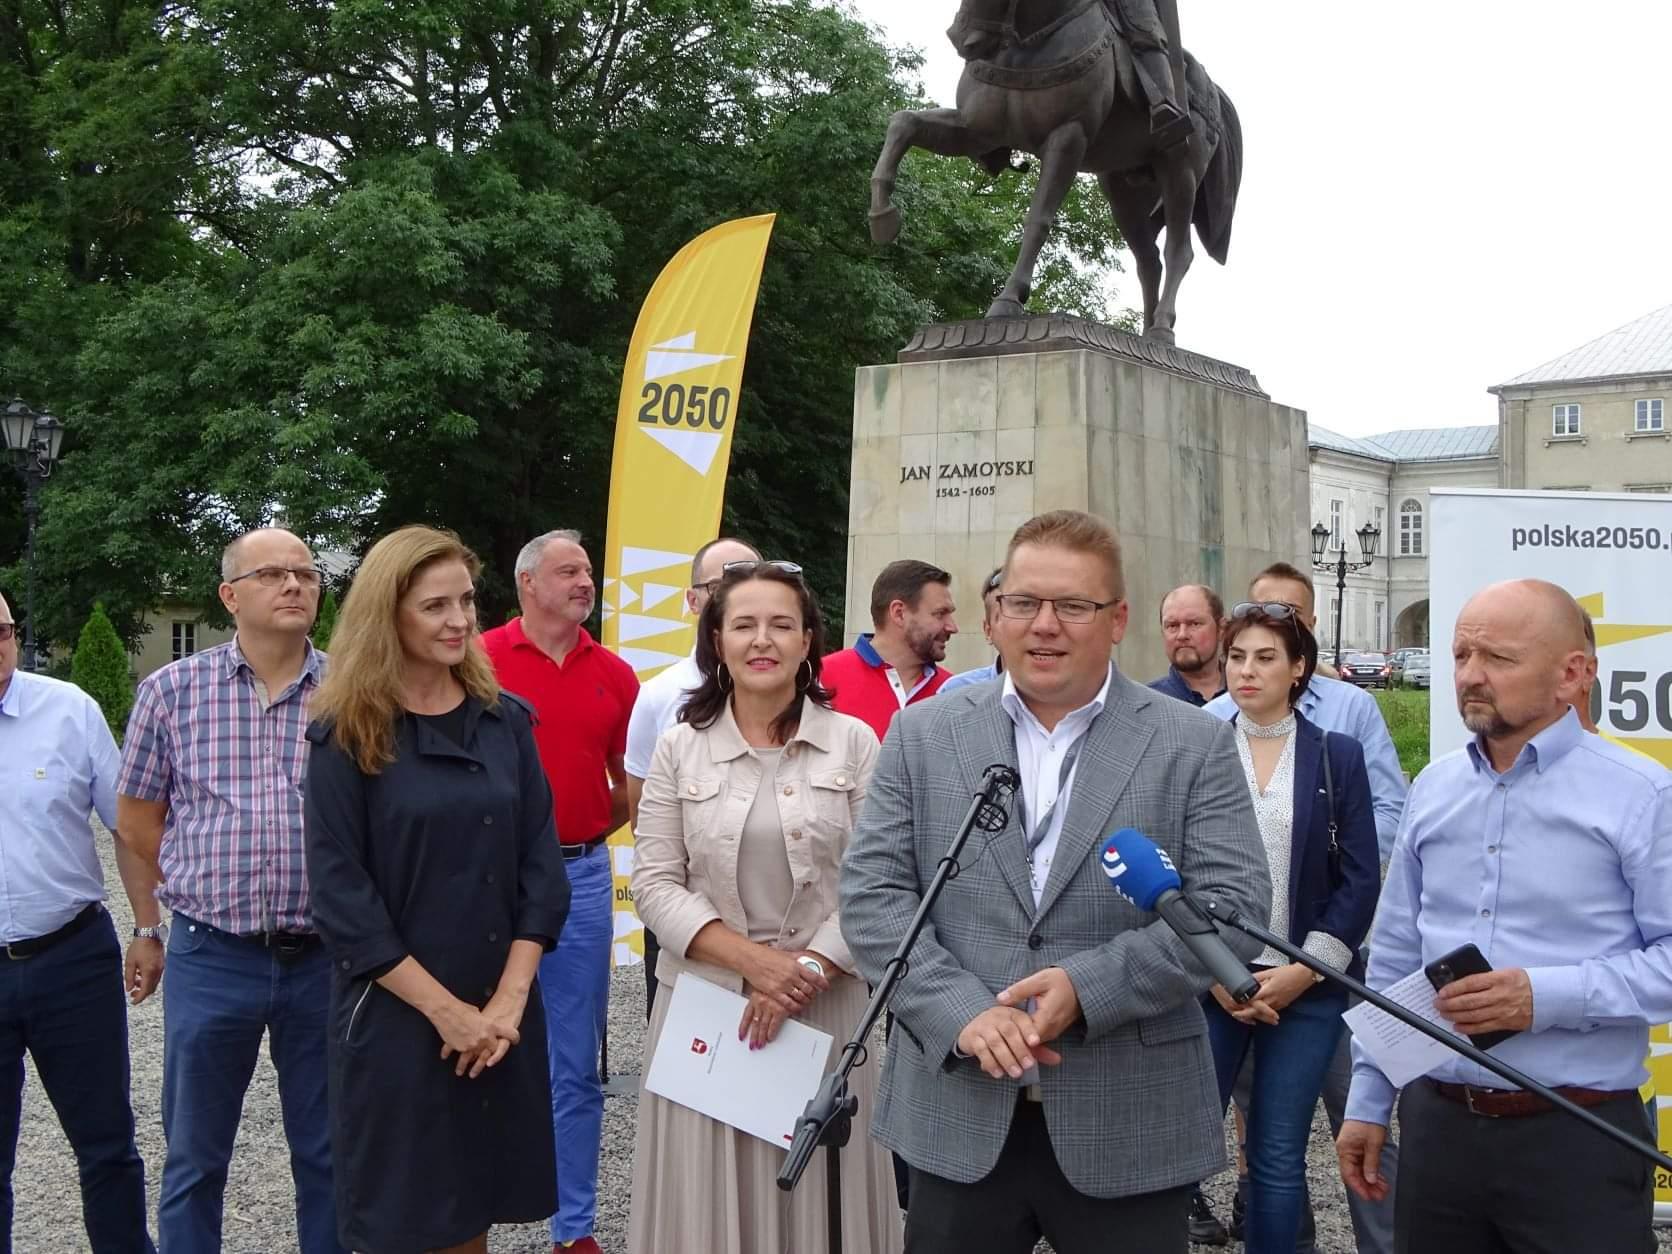 received 399940978223342 Liderzy i działacze Polski 2050 spotkali się w Zamościu. Rozmawiali m.in. o zamknięciu oddziału pediatrycznego w naszym mieście